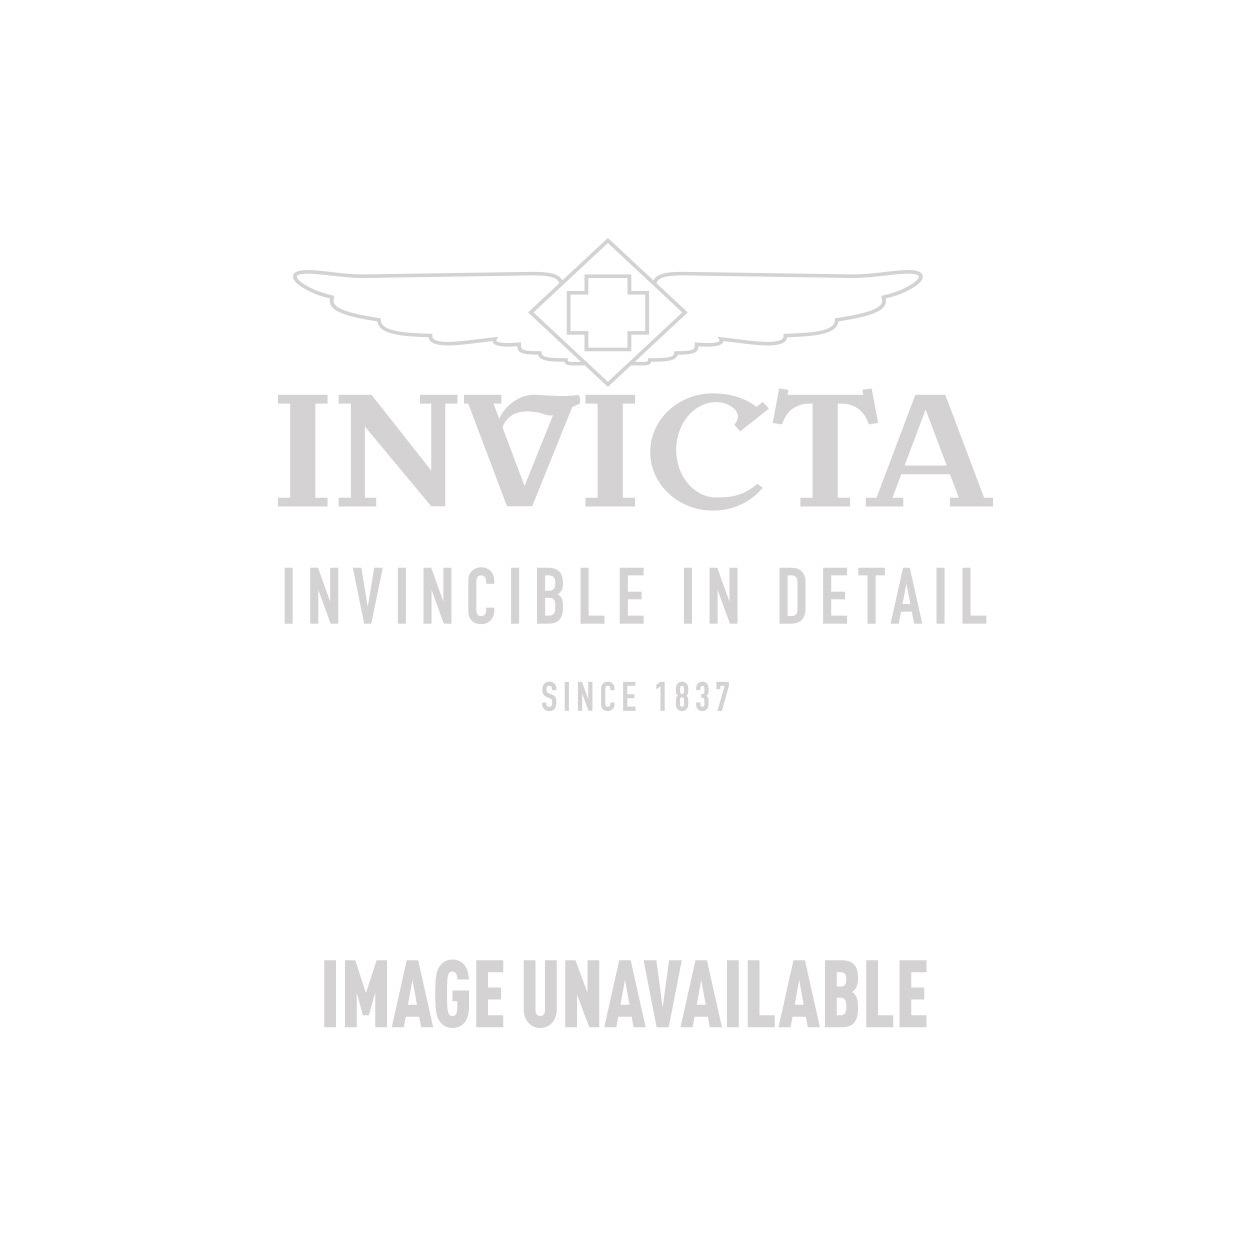 Invicta Model 25552